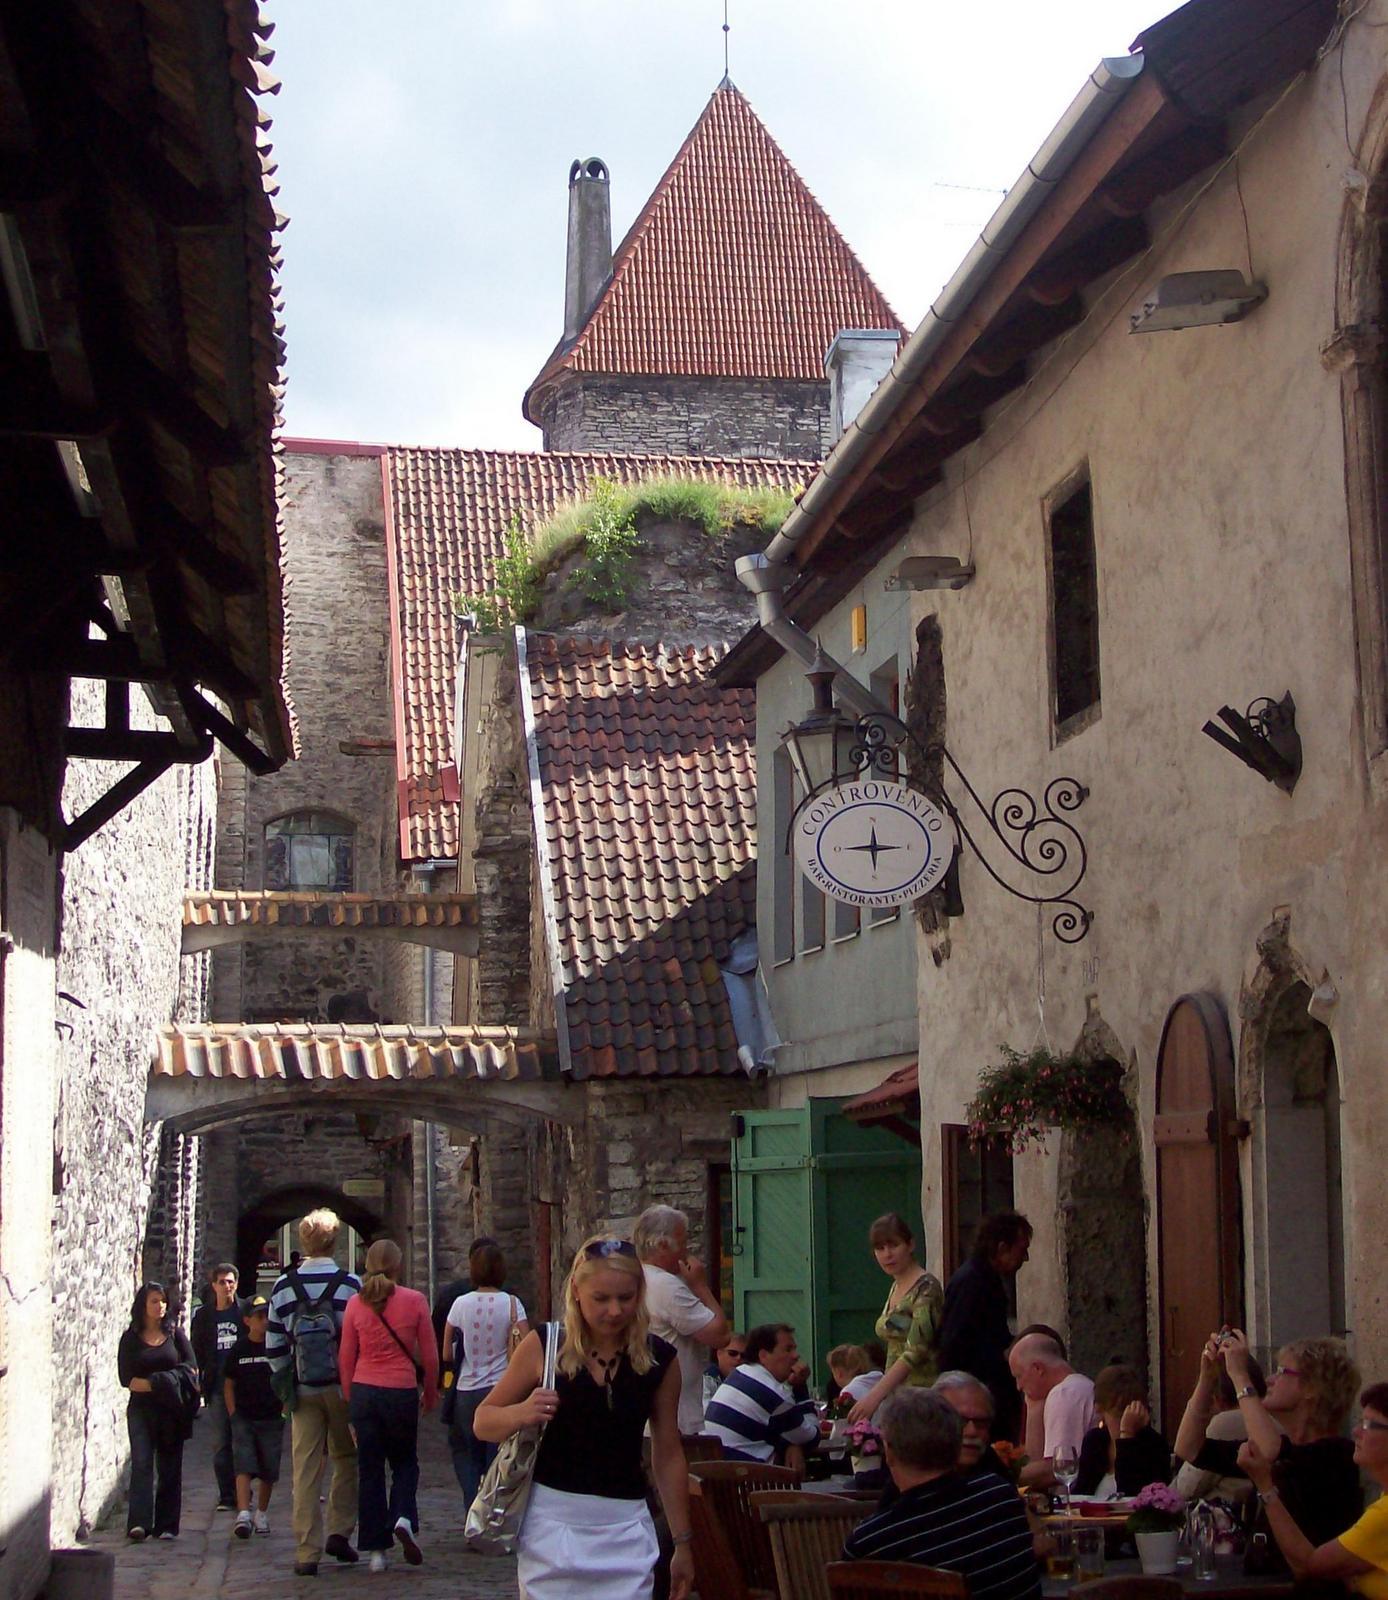 Katharinengasse in Tallinn